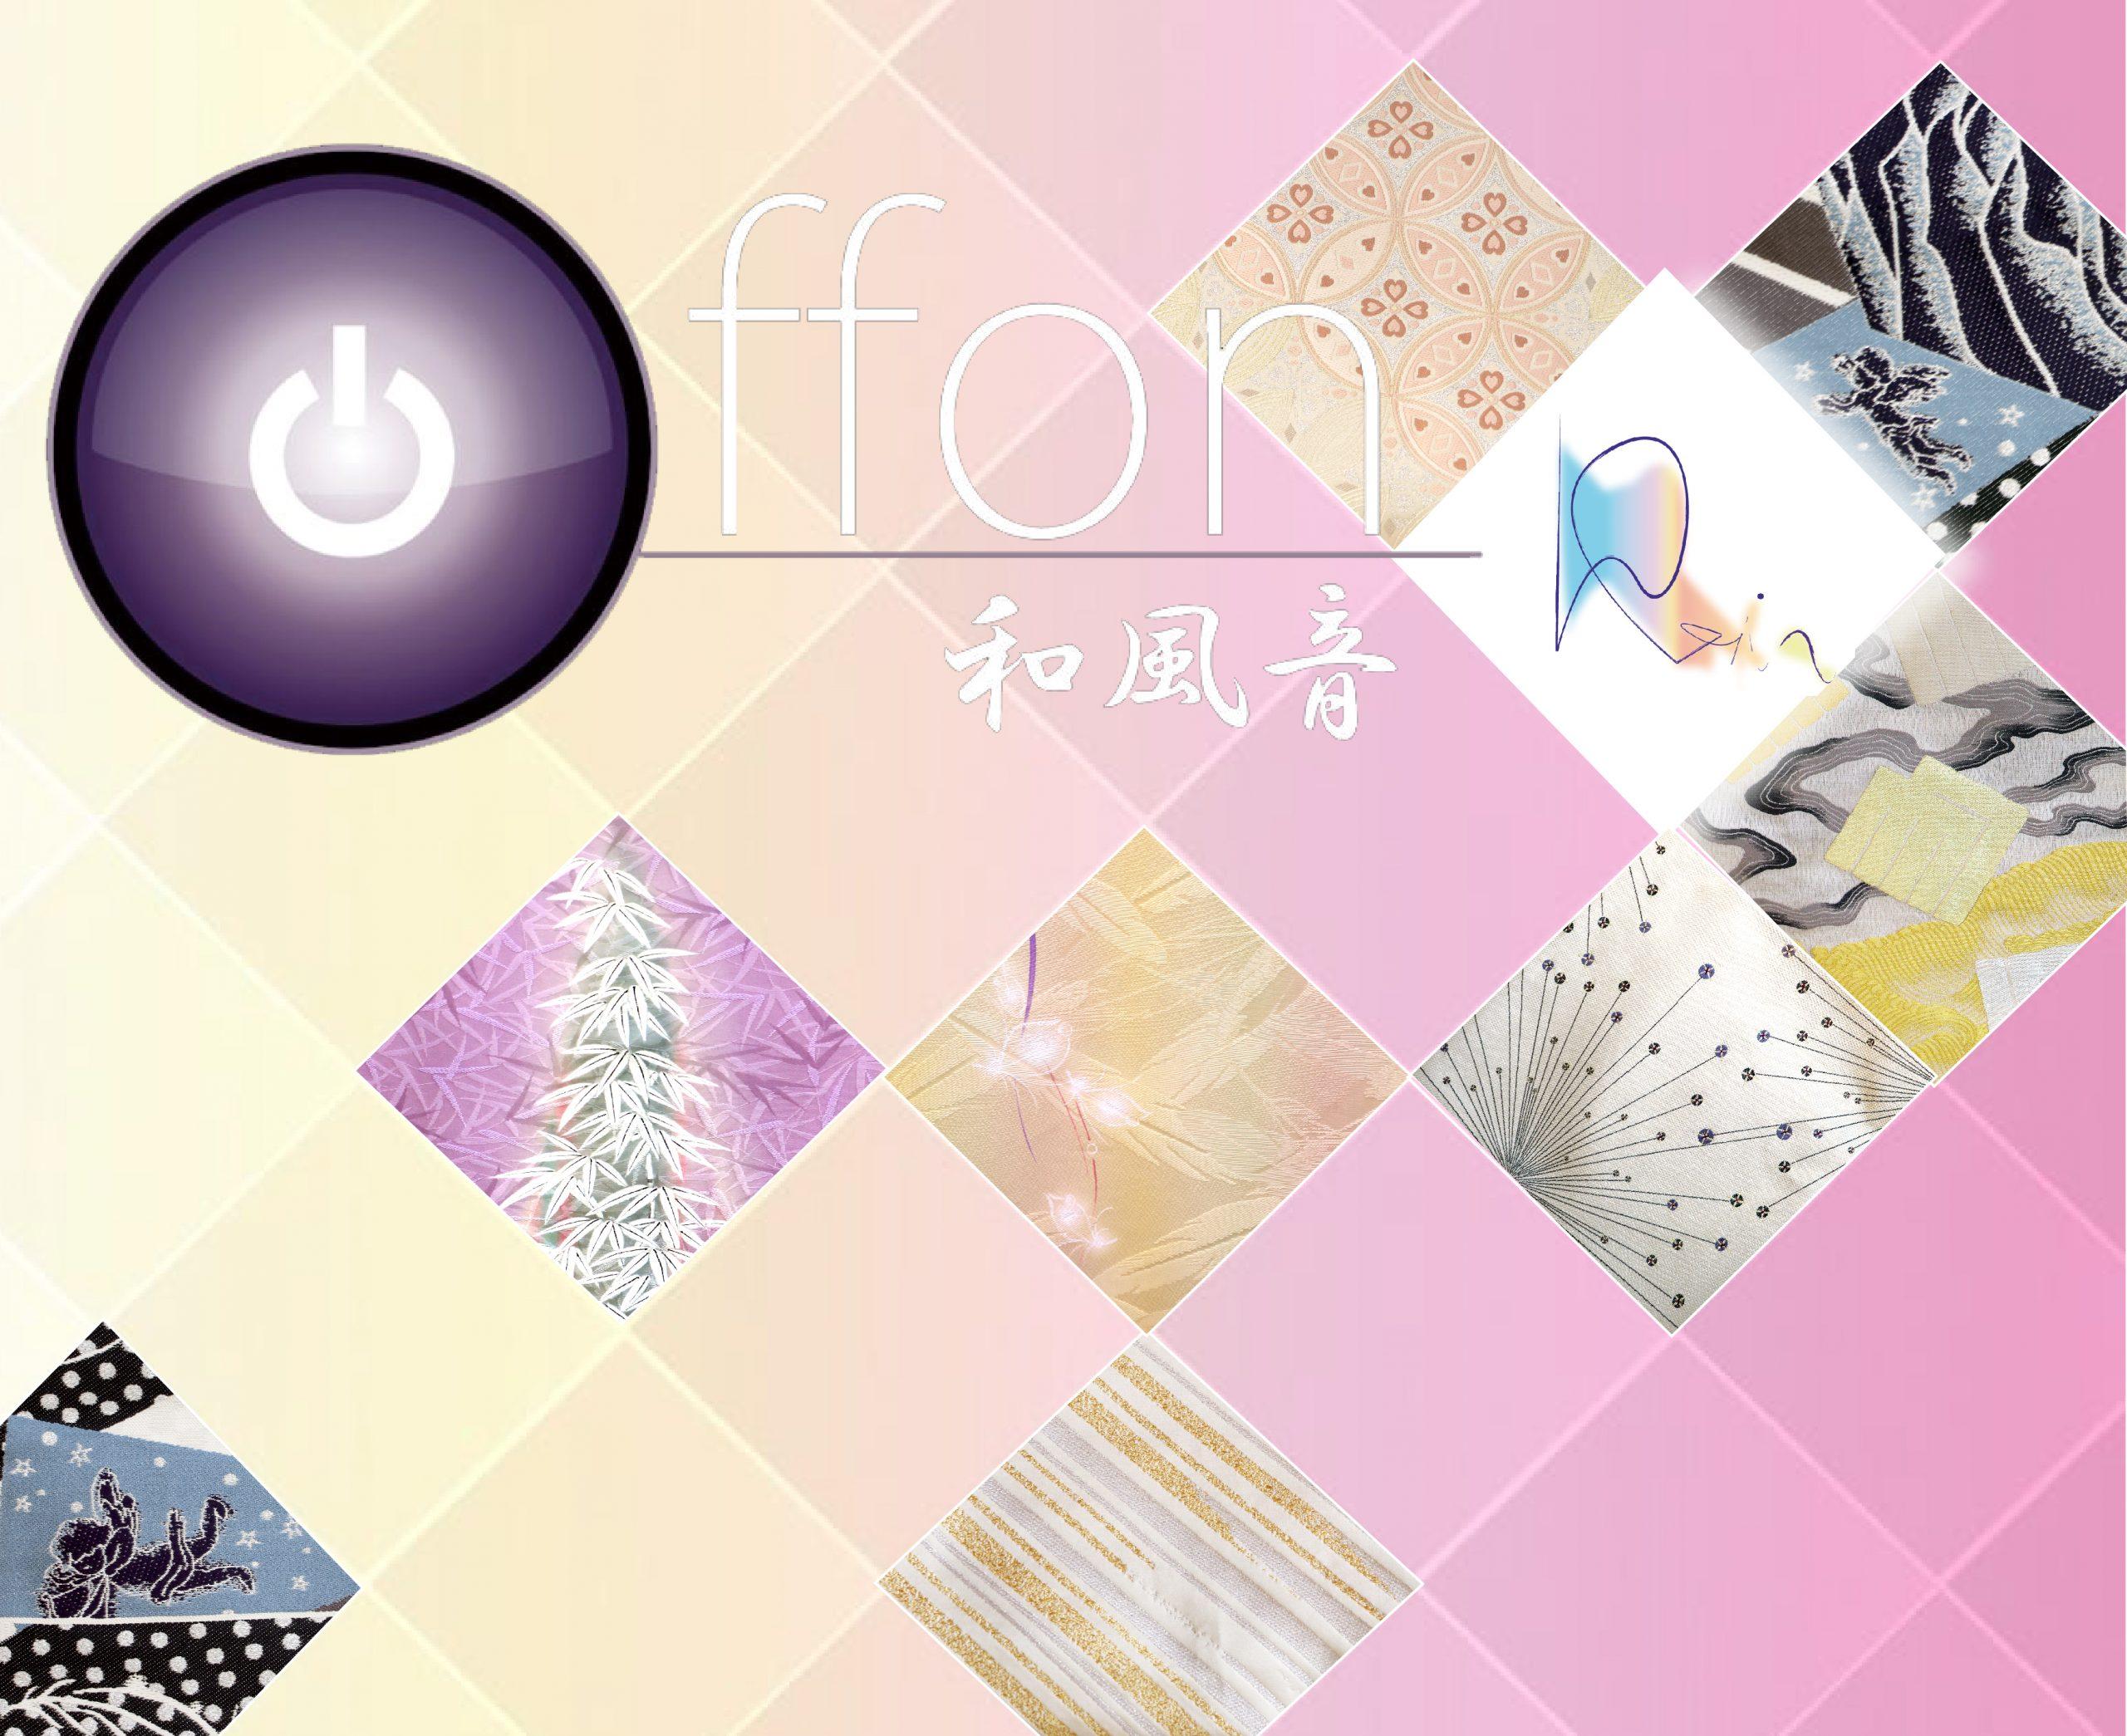 【徳山店】10月展示 徳山店オープン2周年 ~OFF.ON和風音~